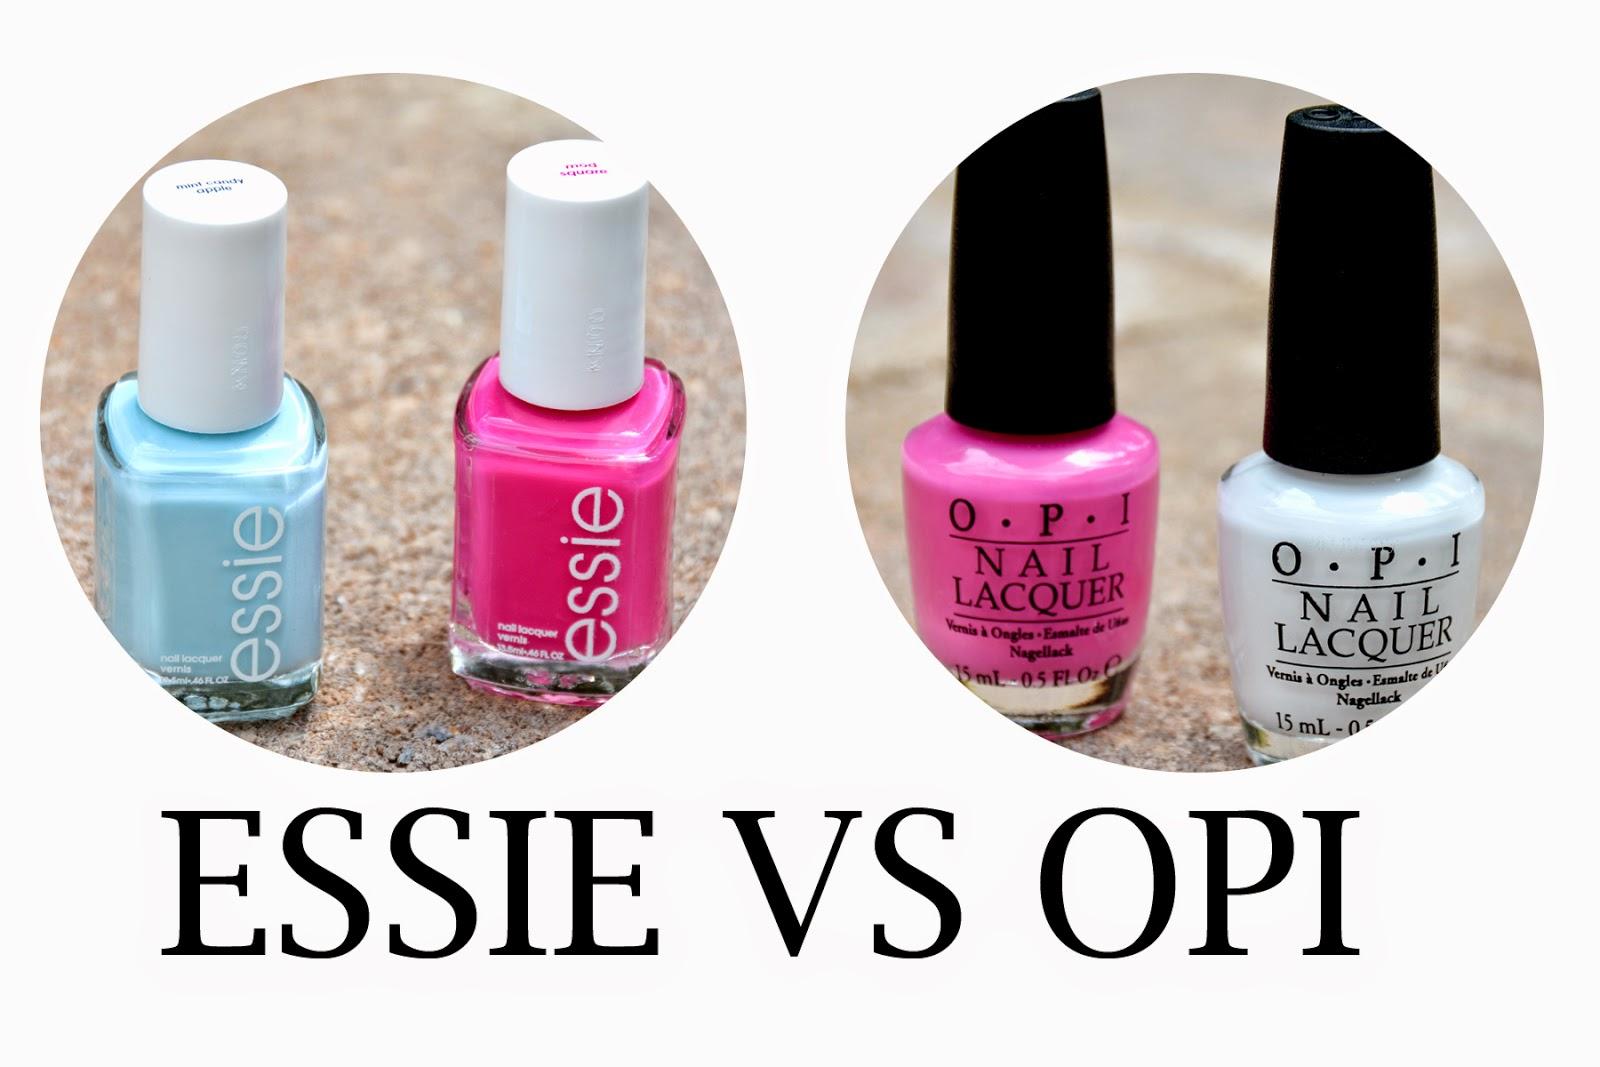 BrandyGirlBlog: Essie vs. OPI